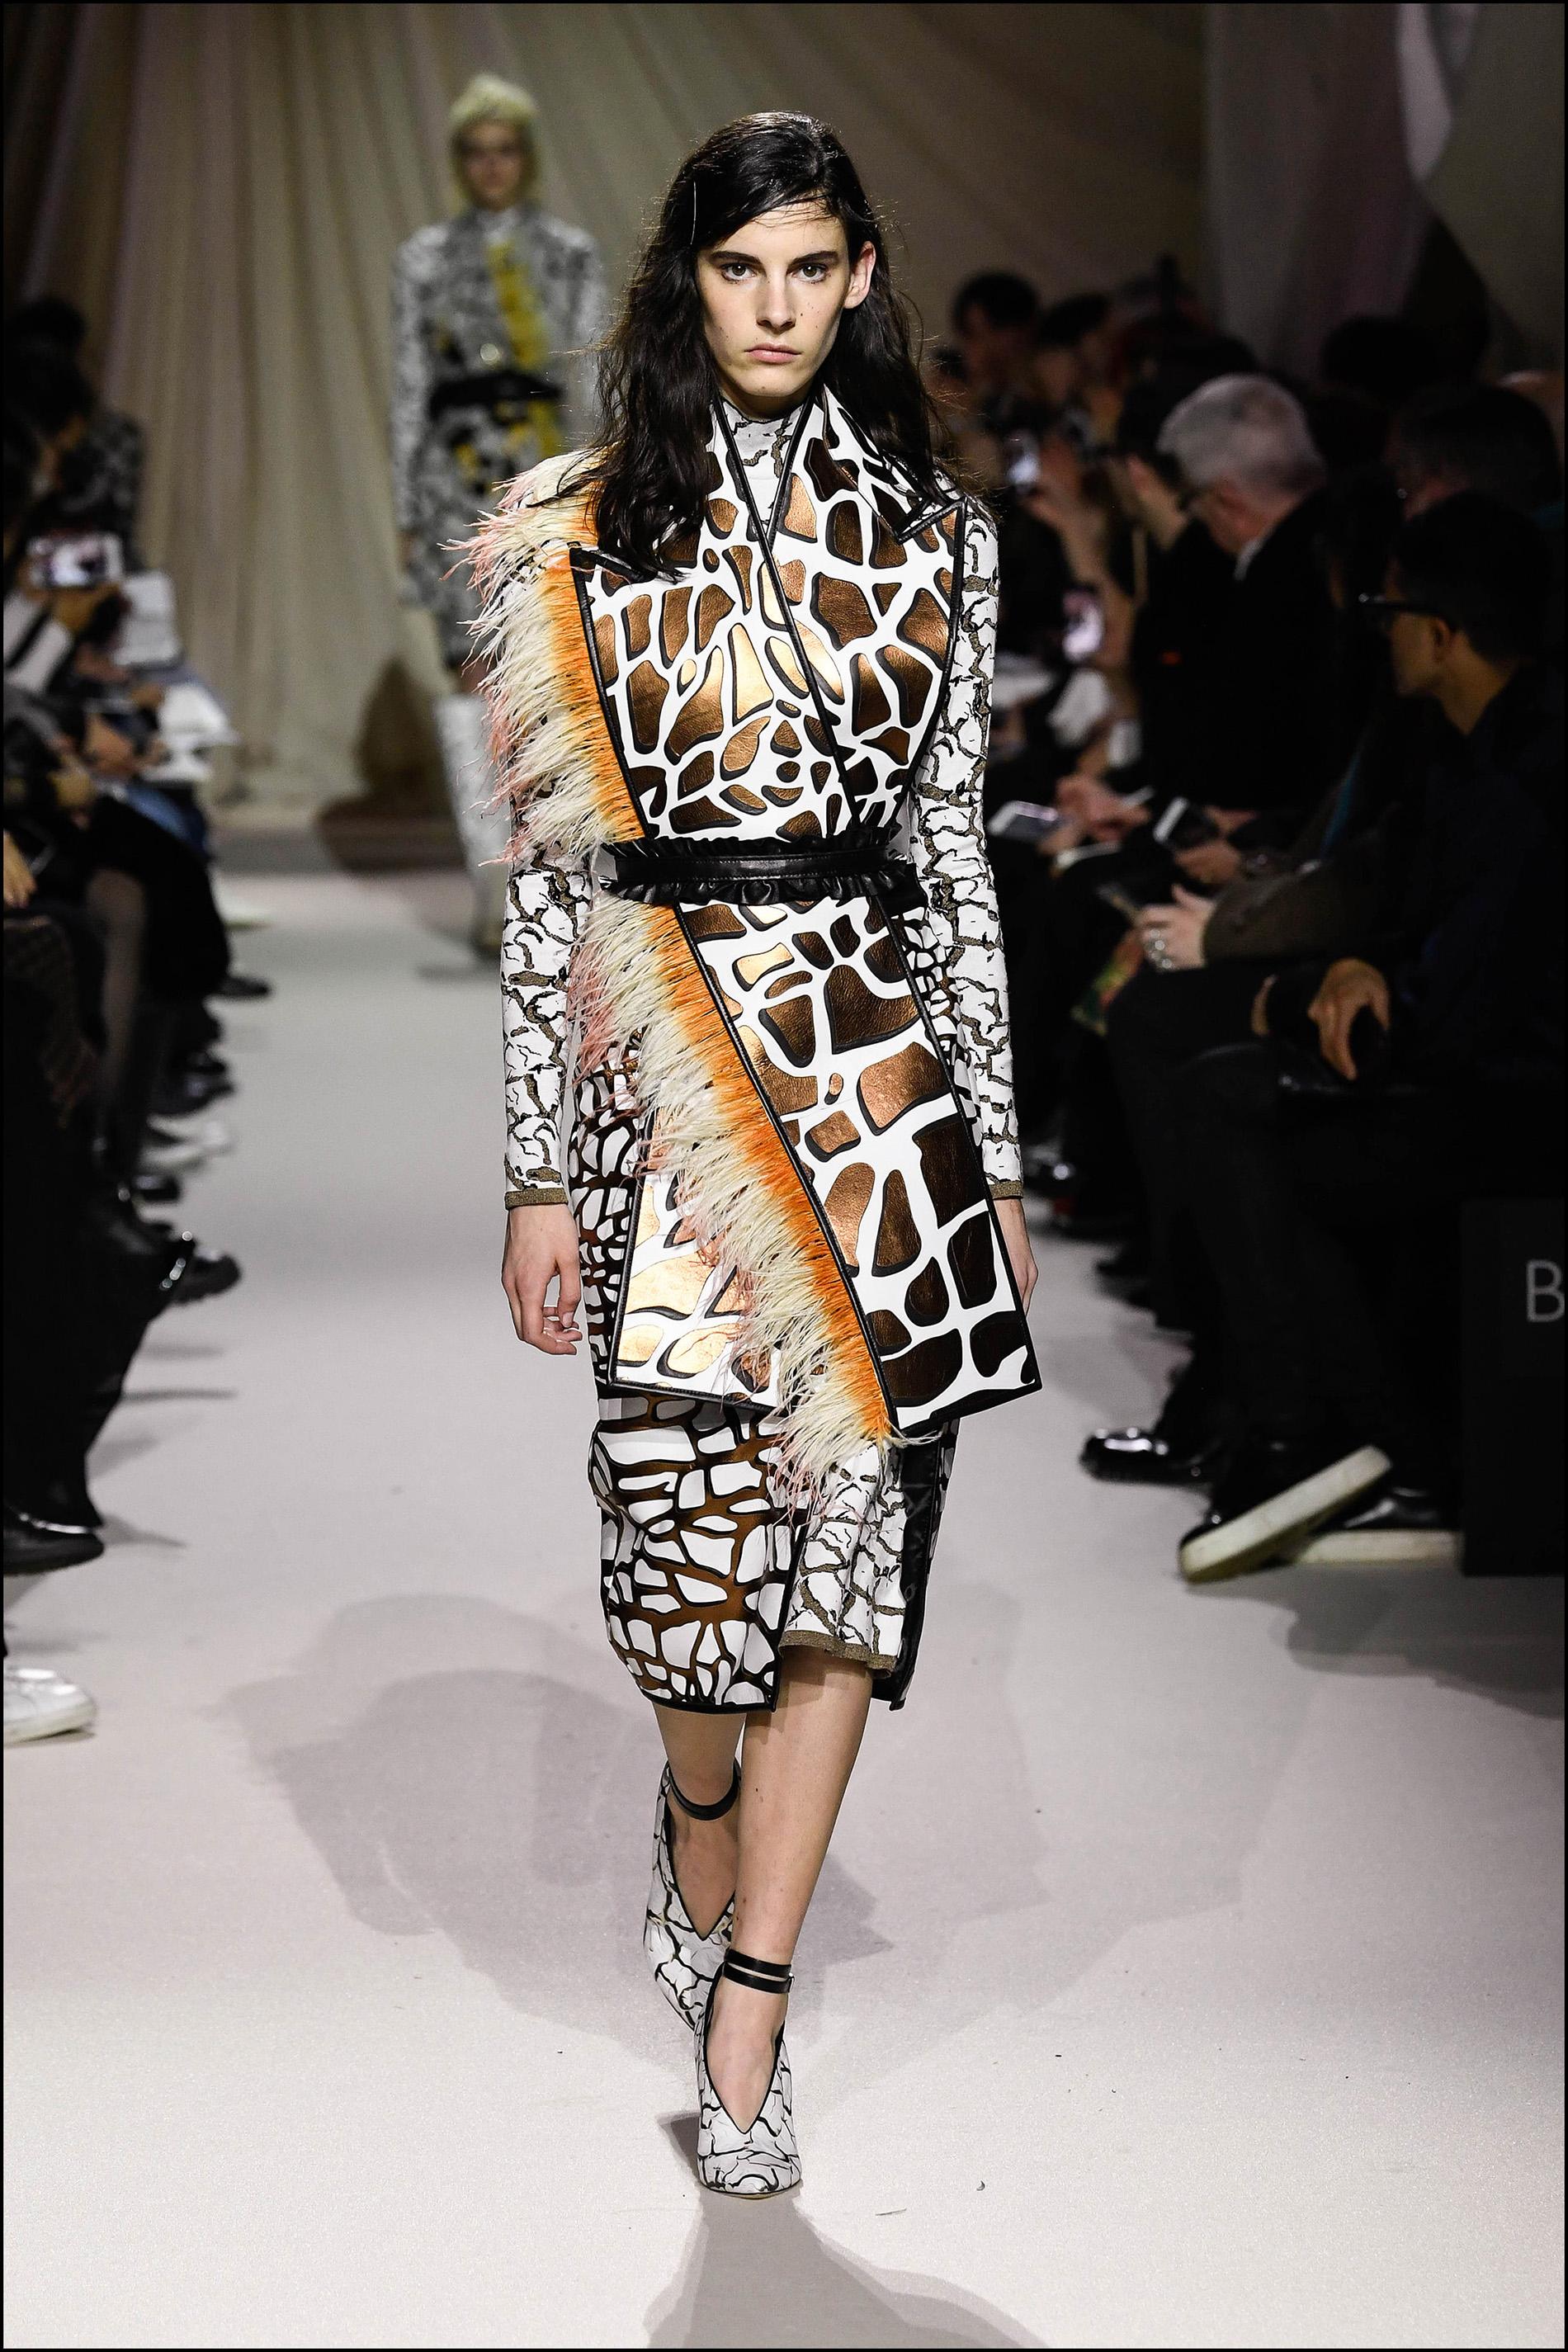 La designer imprimió estampados inspirados en el mármol, en faldas y tapados con cintos.